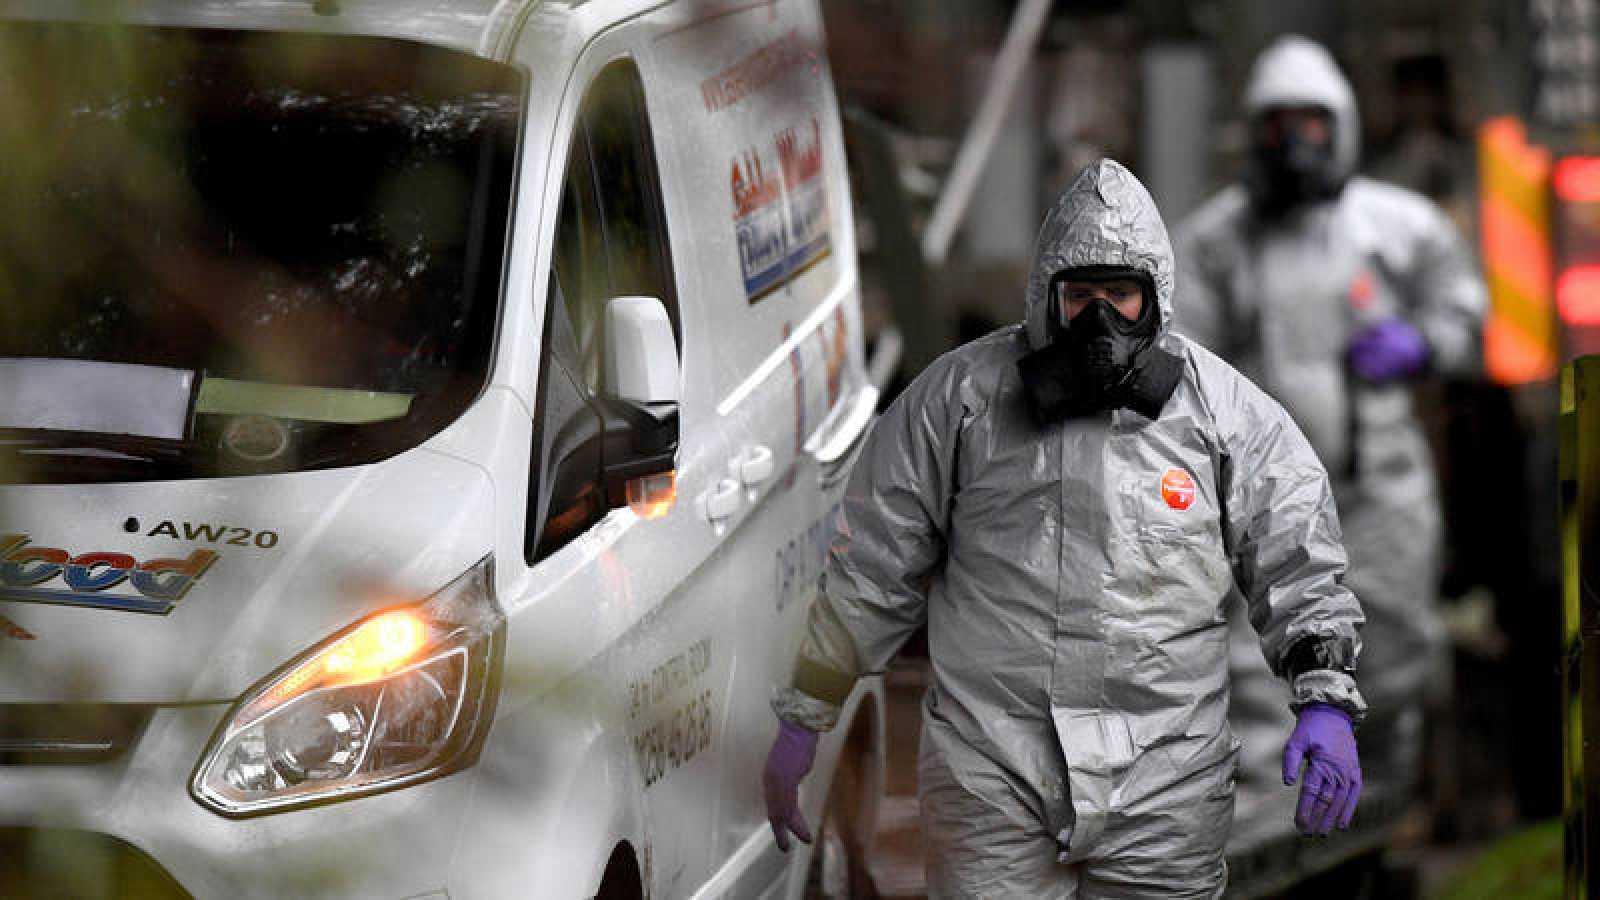 Miembros del ejército británico equipados con trajes NBQ investigan el envenenamiento del agente ruso Skripal